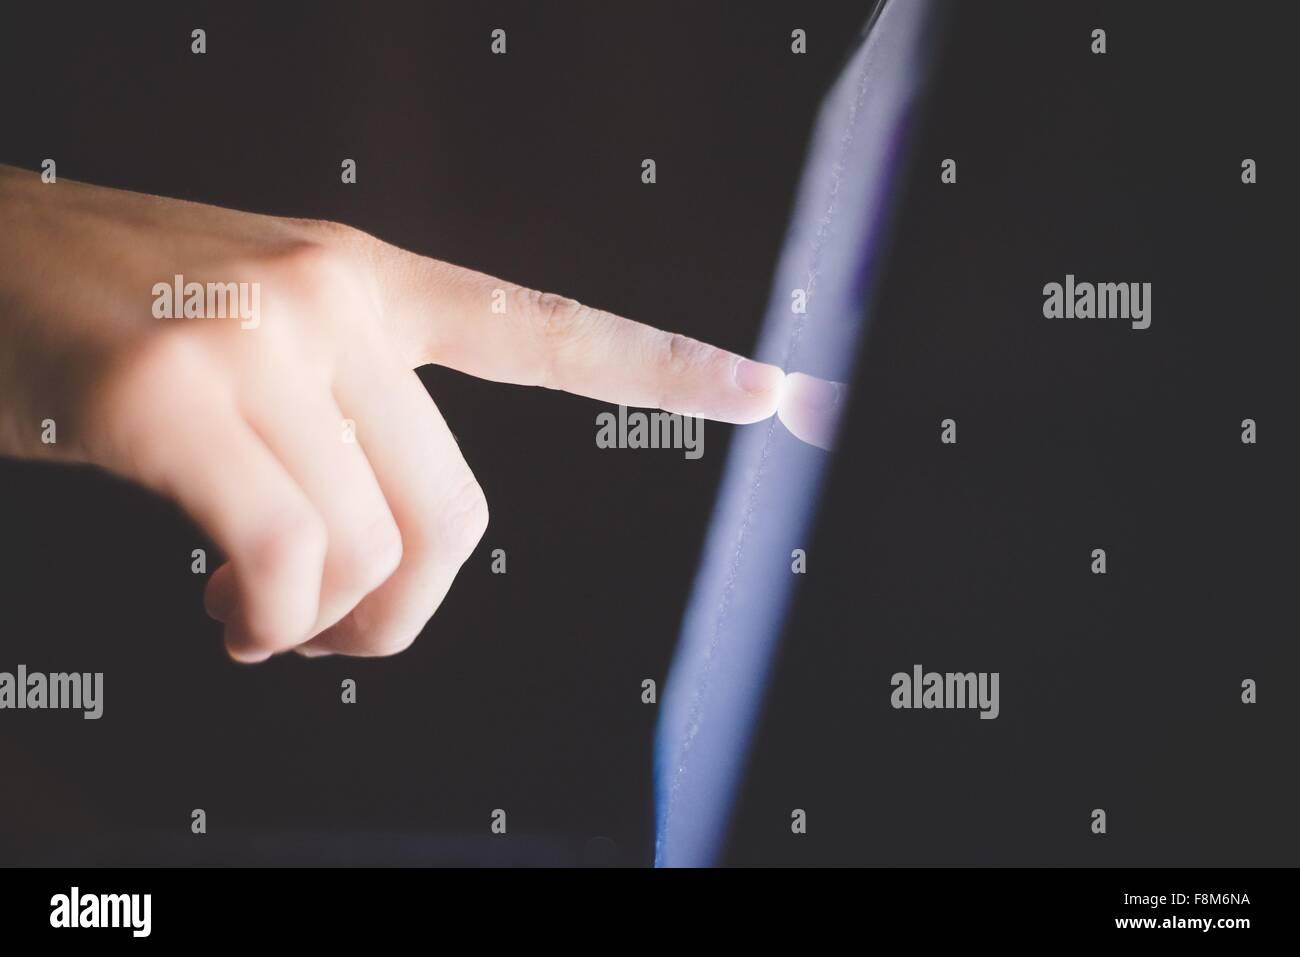 Vista lateral de la mano apuntando a la pantalla del ordenador Foto de stock